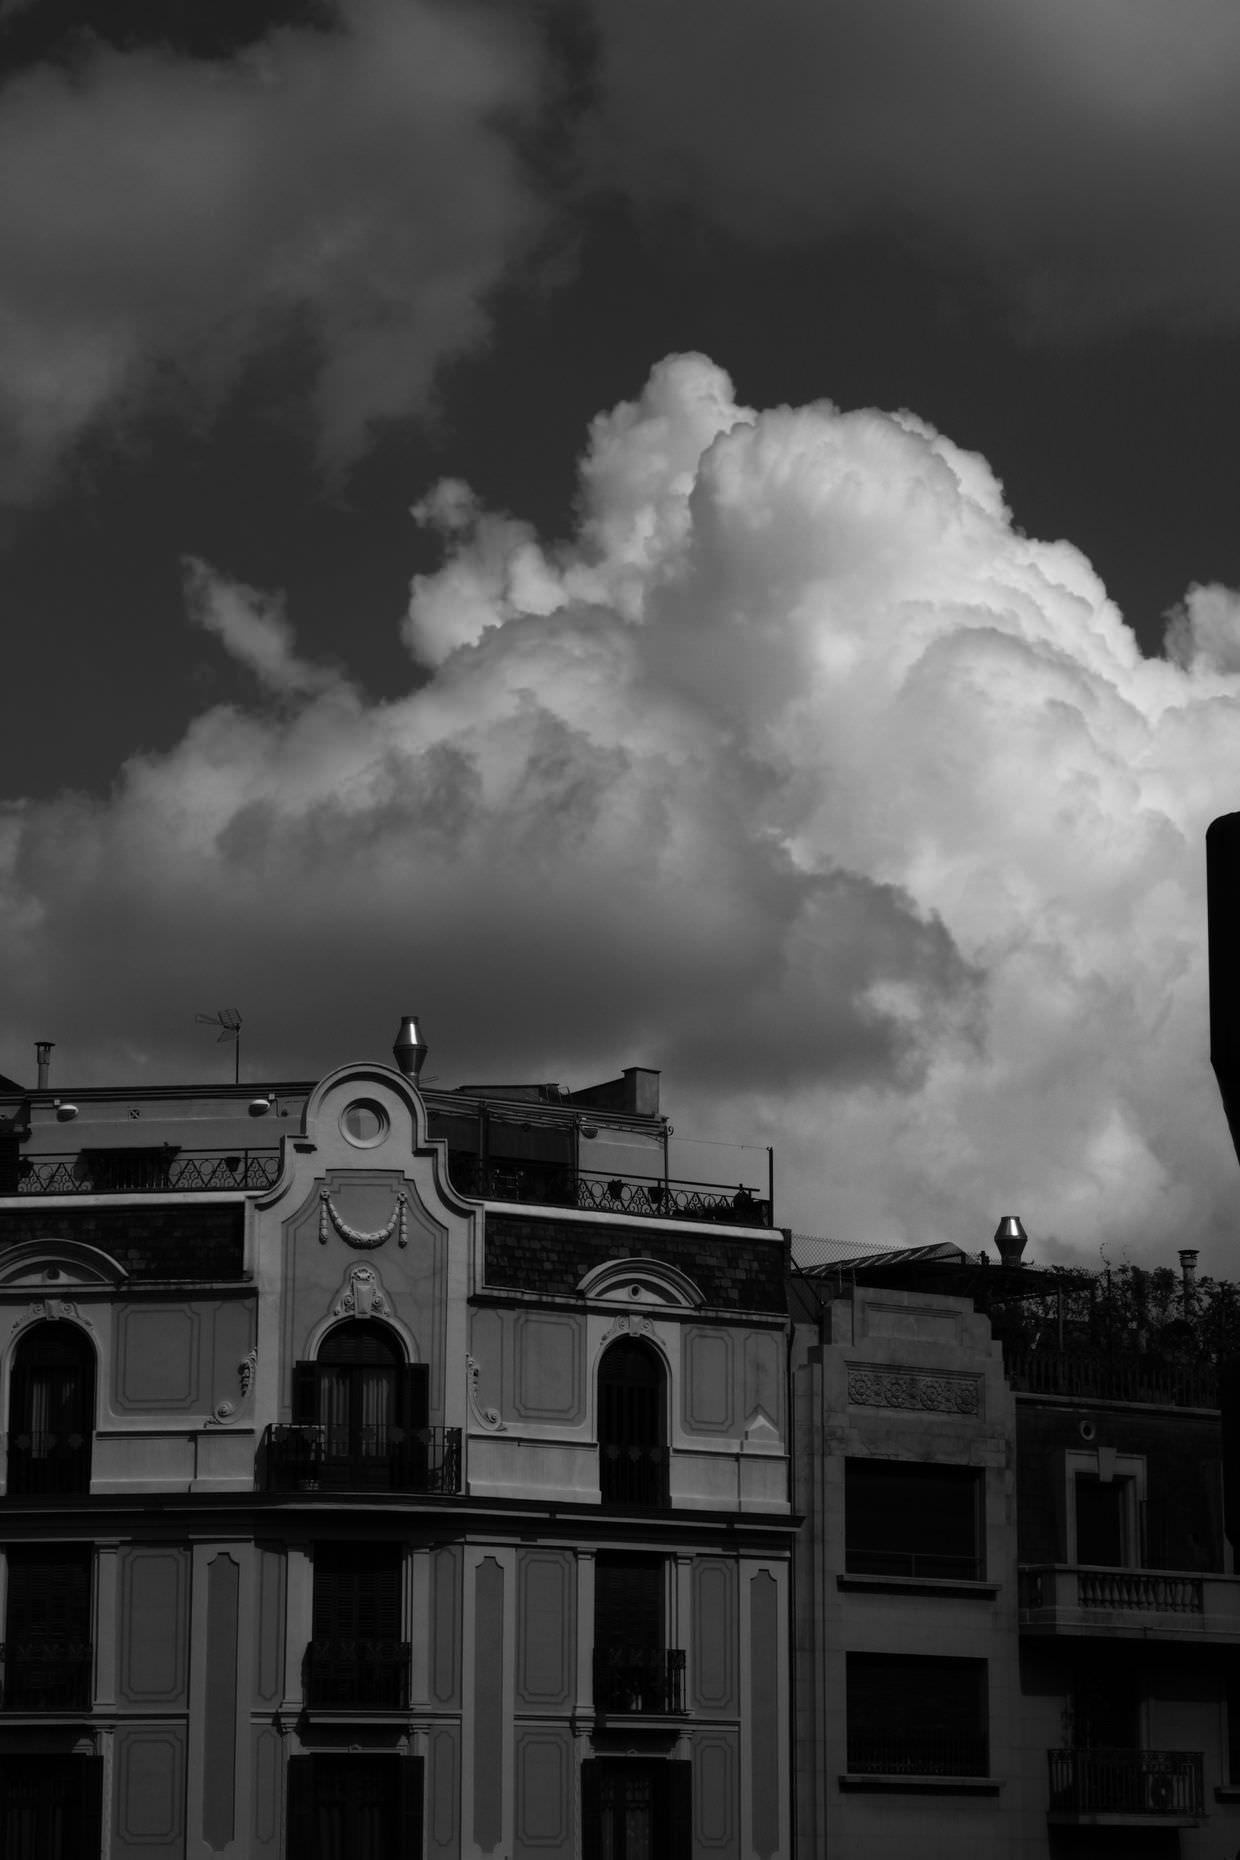 Stormy Barcelona